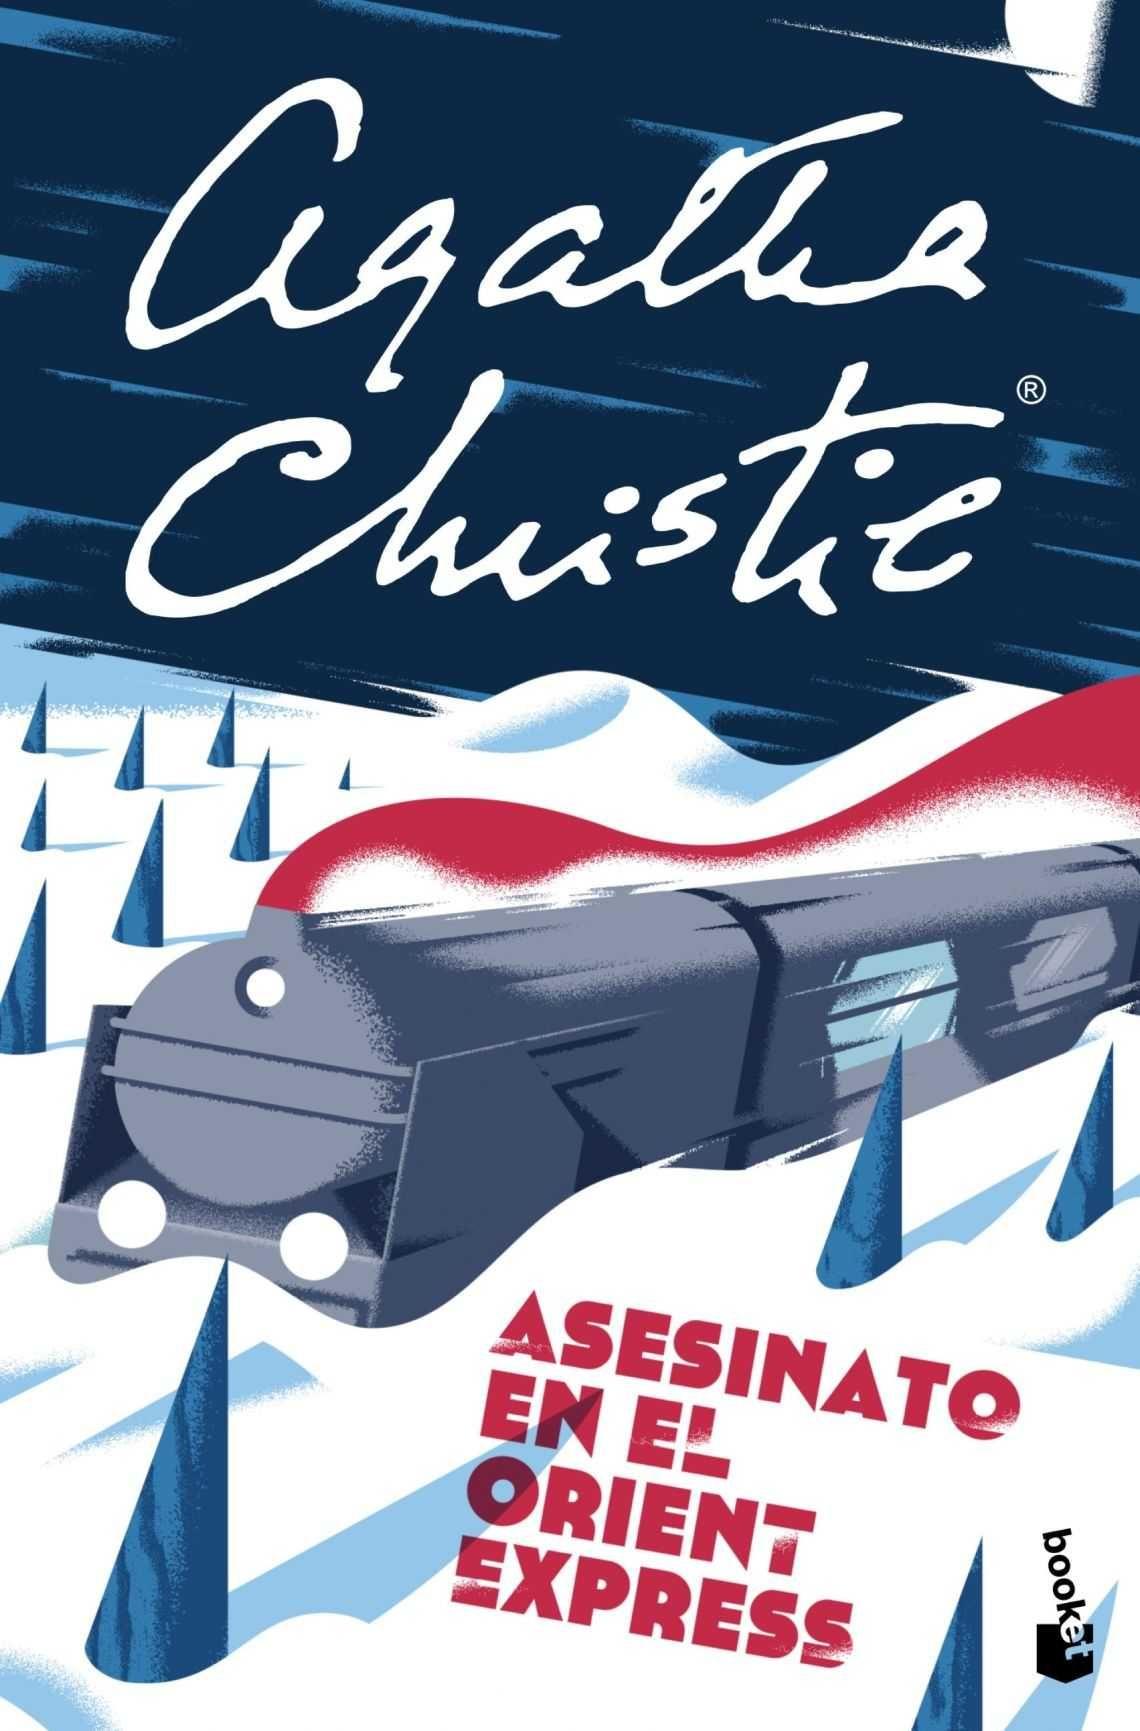 Agatha Christie en el cine, teatro y relato breve_orient_express